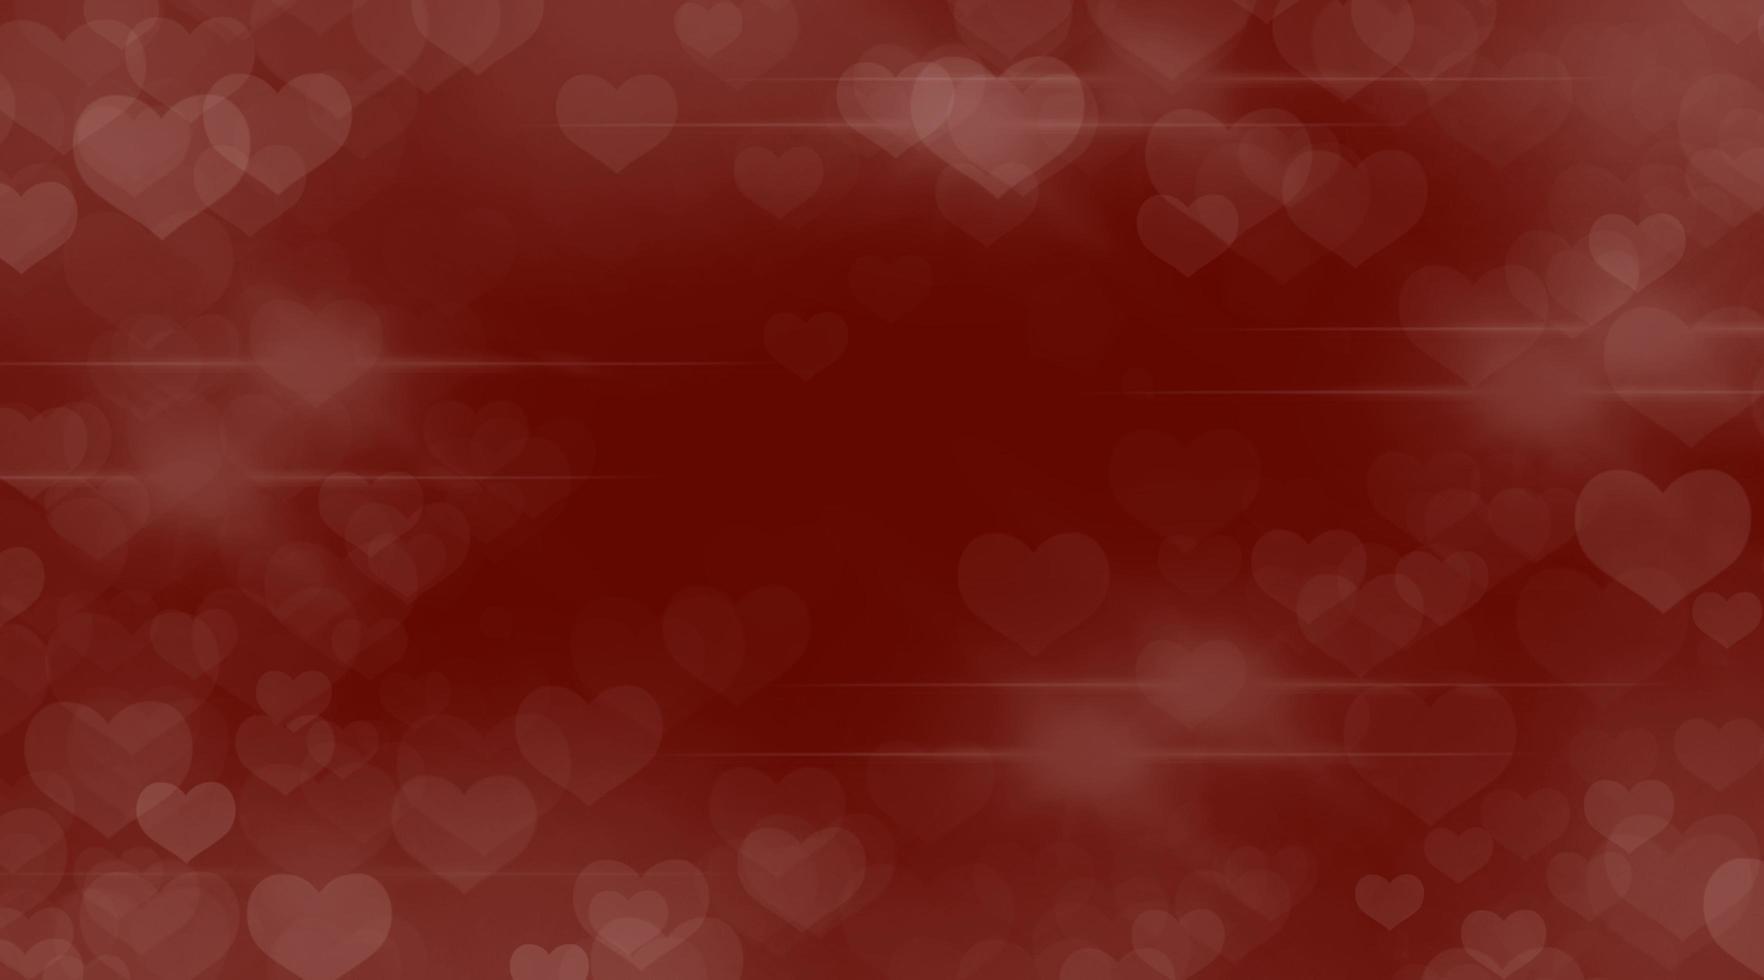 Alla hjärtans dag abstrakt med bokeh hjärta former på en röd bakgrund foto